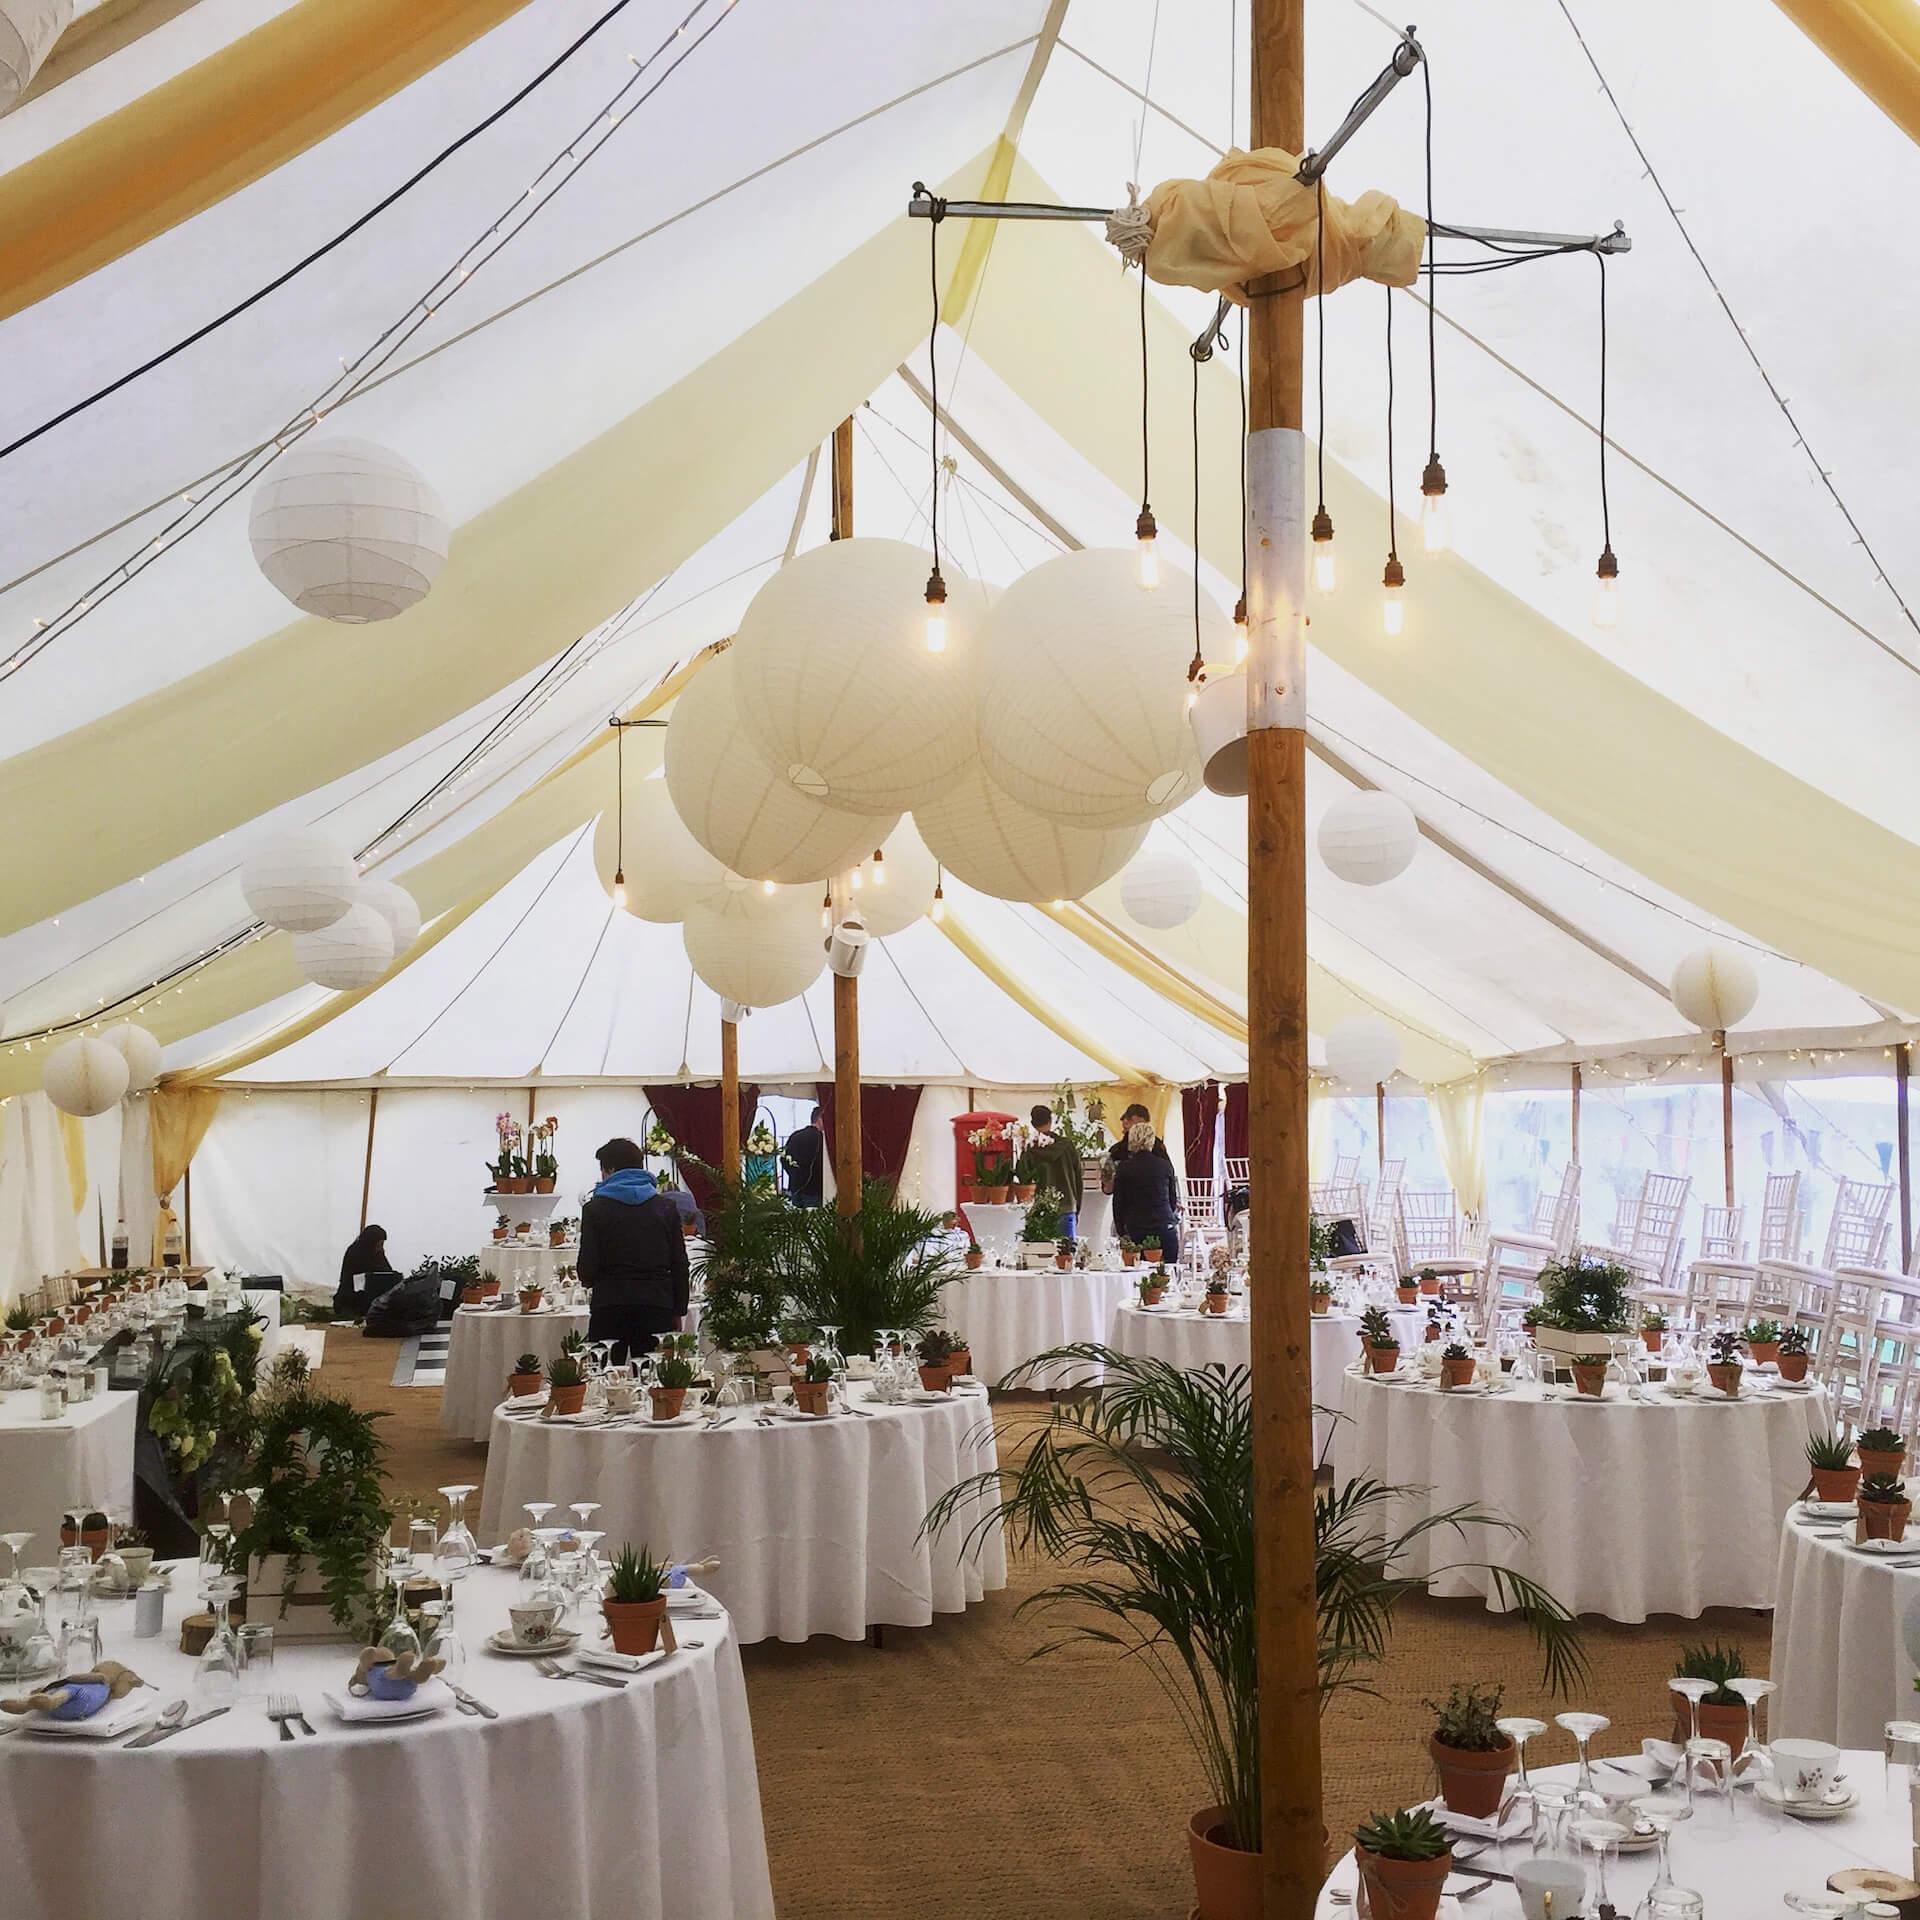 Wedding breakfast in Petal marquee